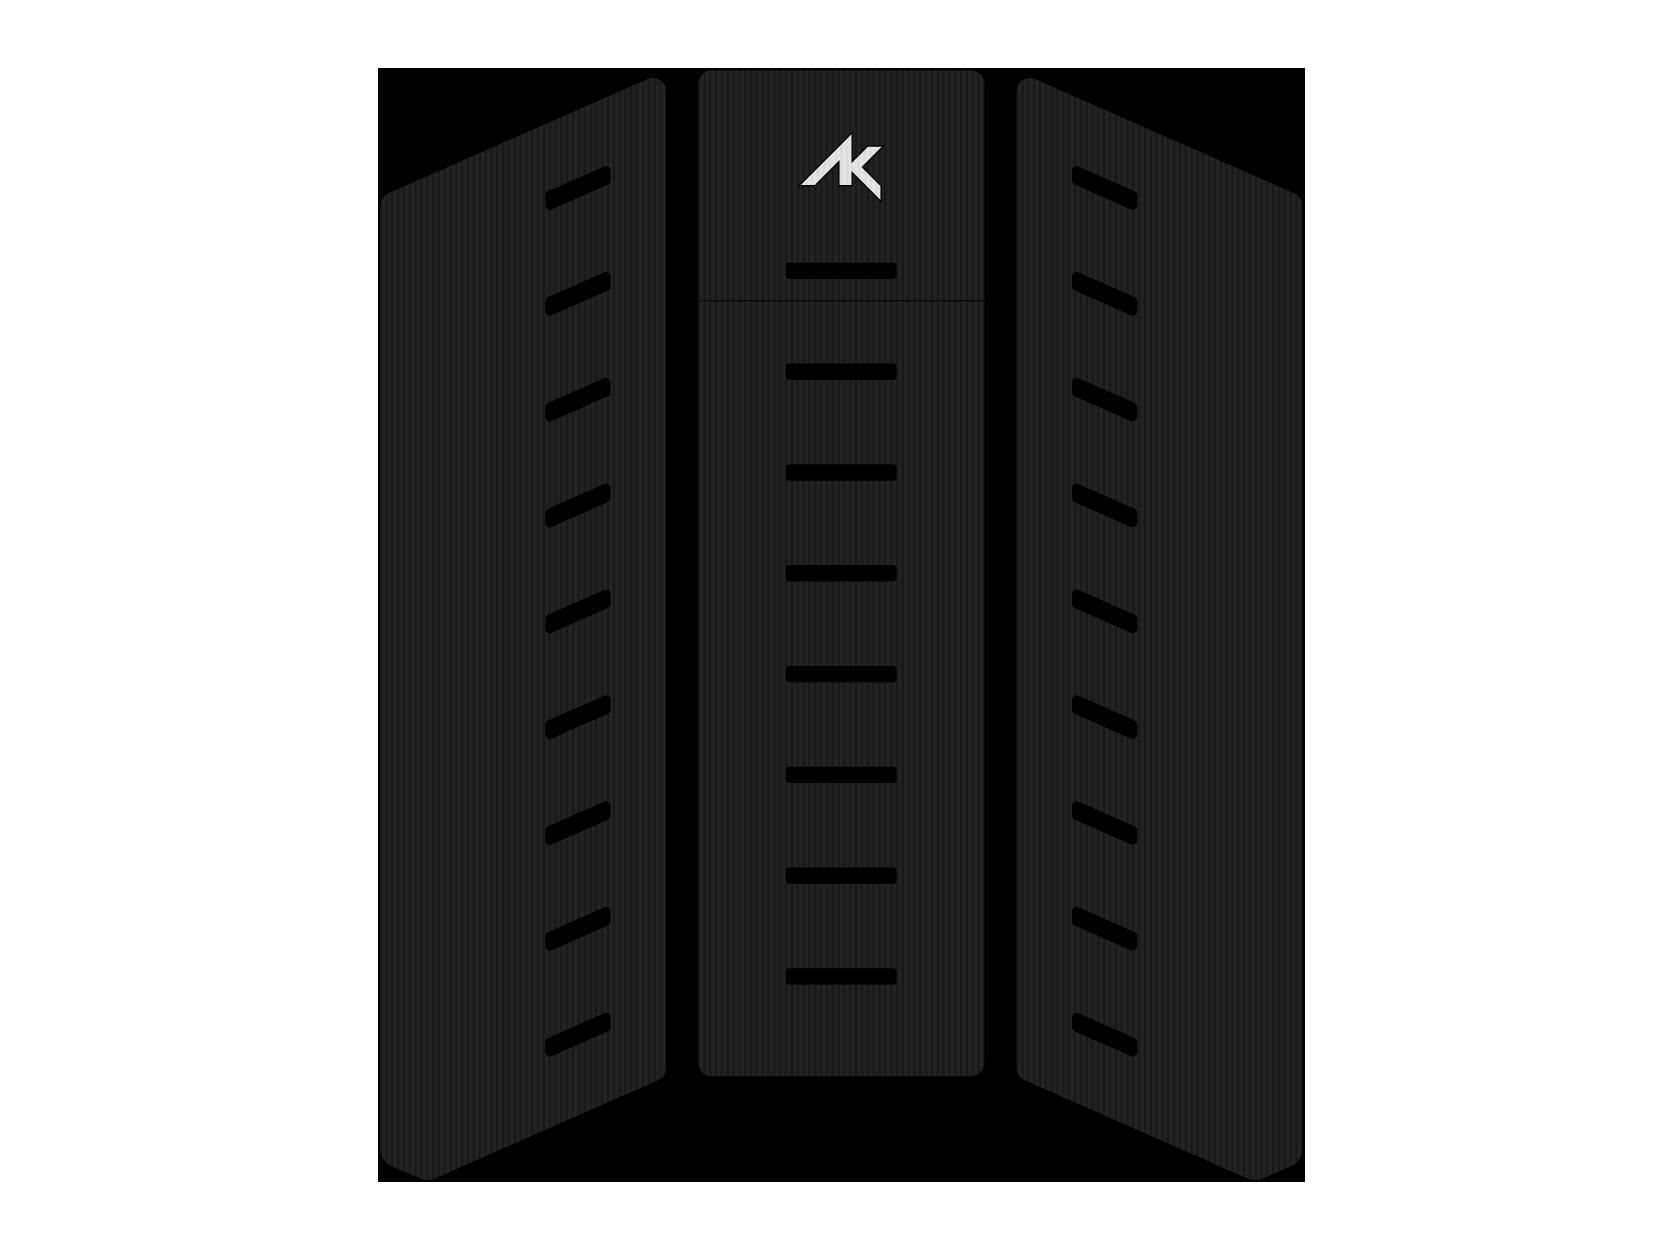 2020-AK-Pro-Front-Black_img_01